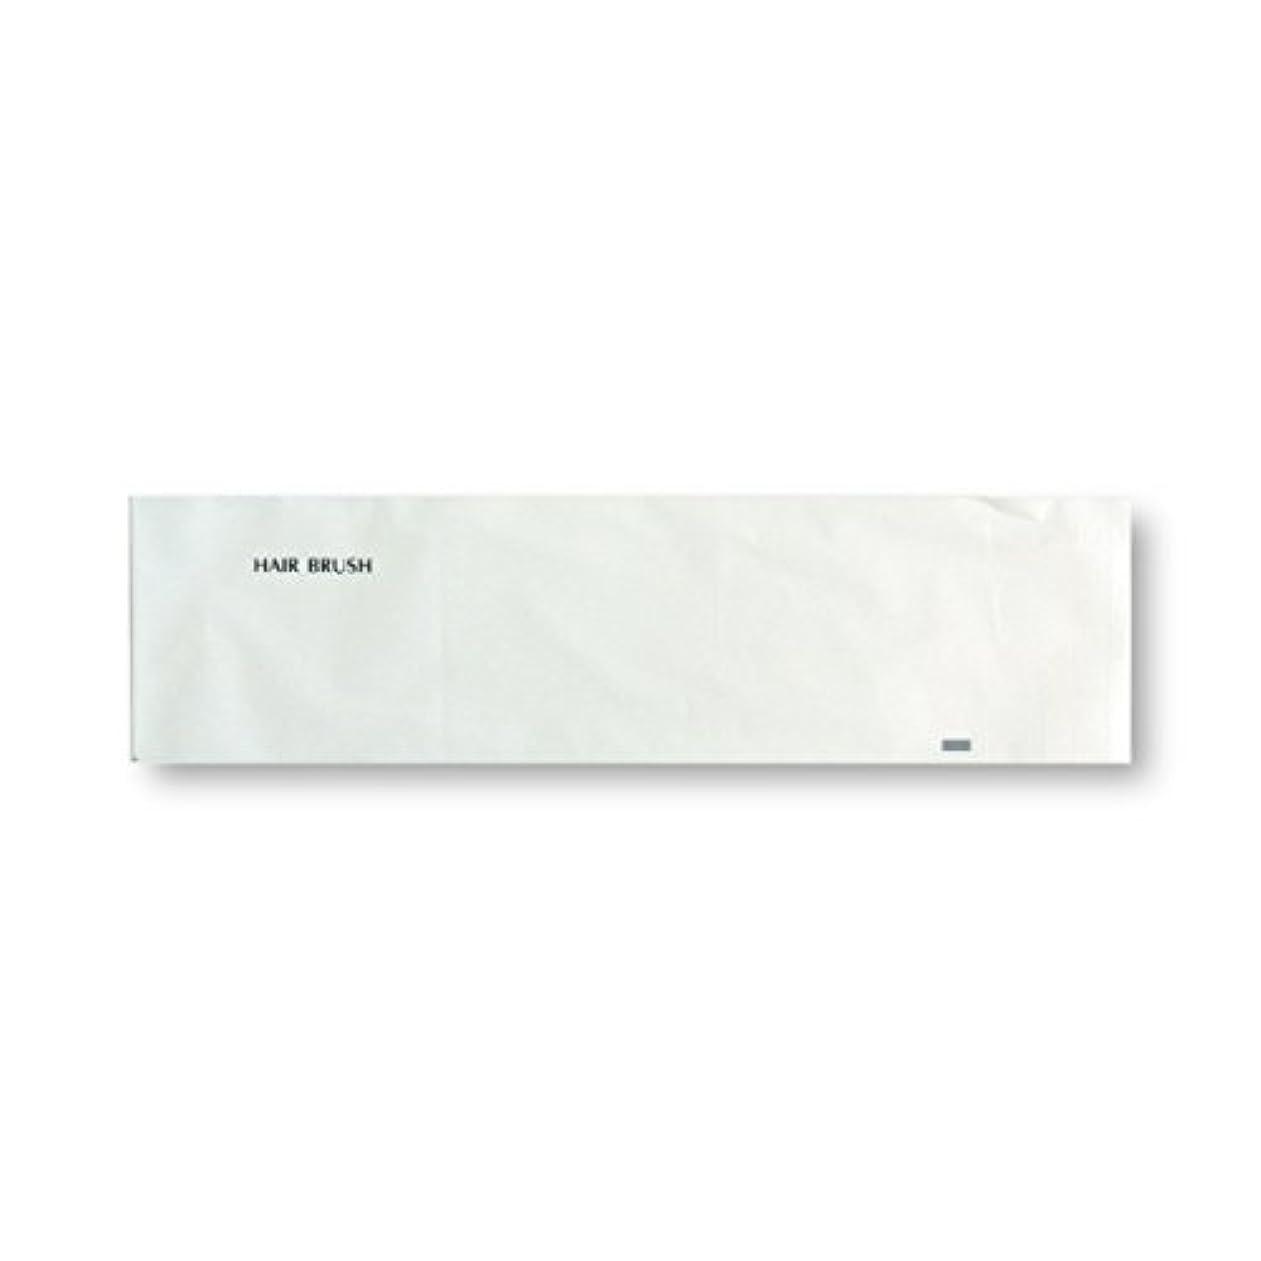 対抗視聴者関係ヘアブラシ用袋 マットシリーズ 1000枚